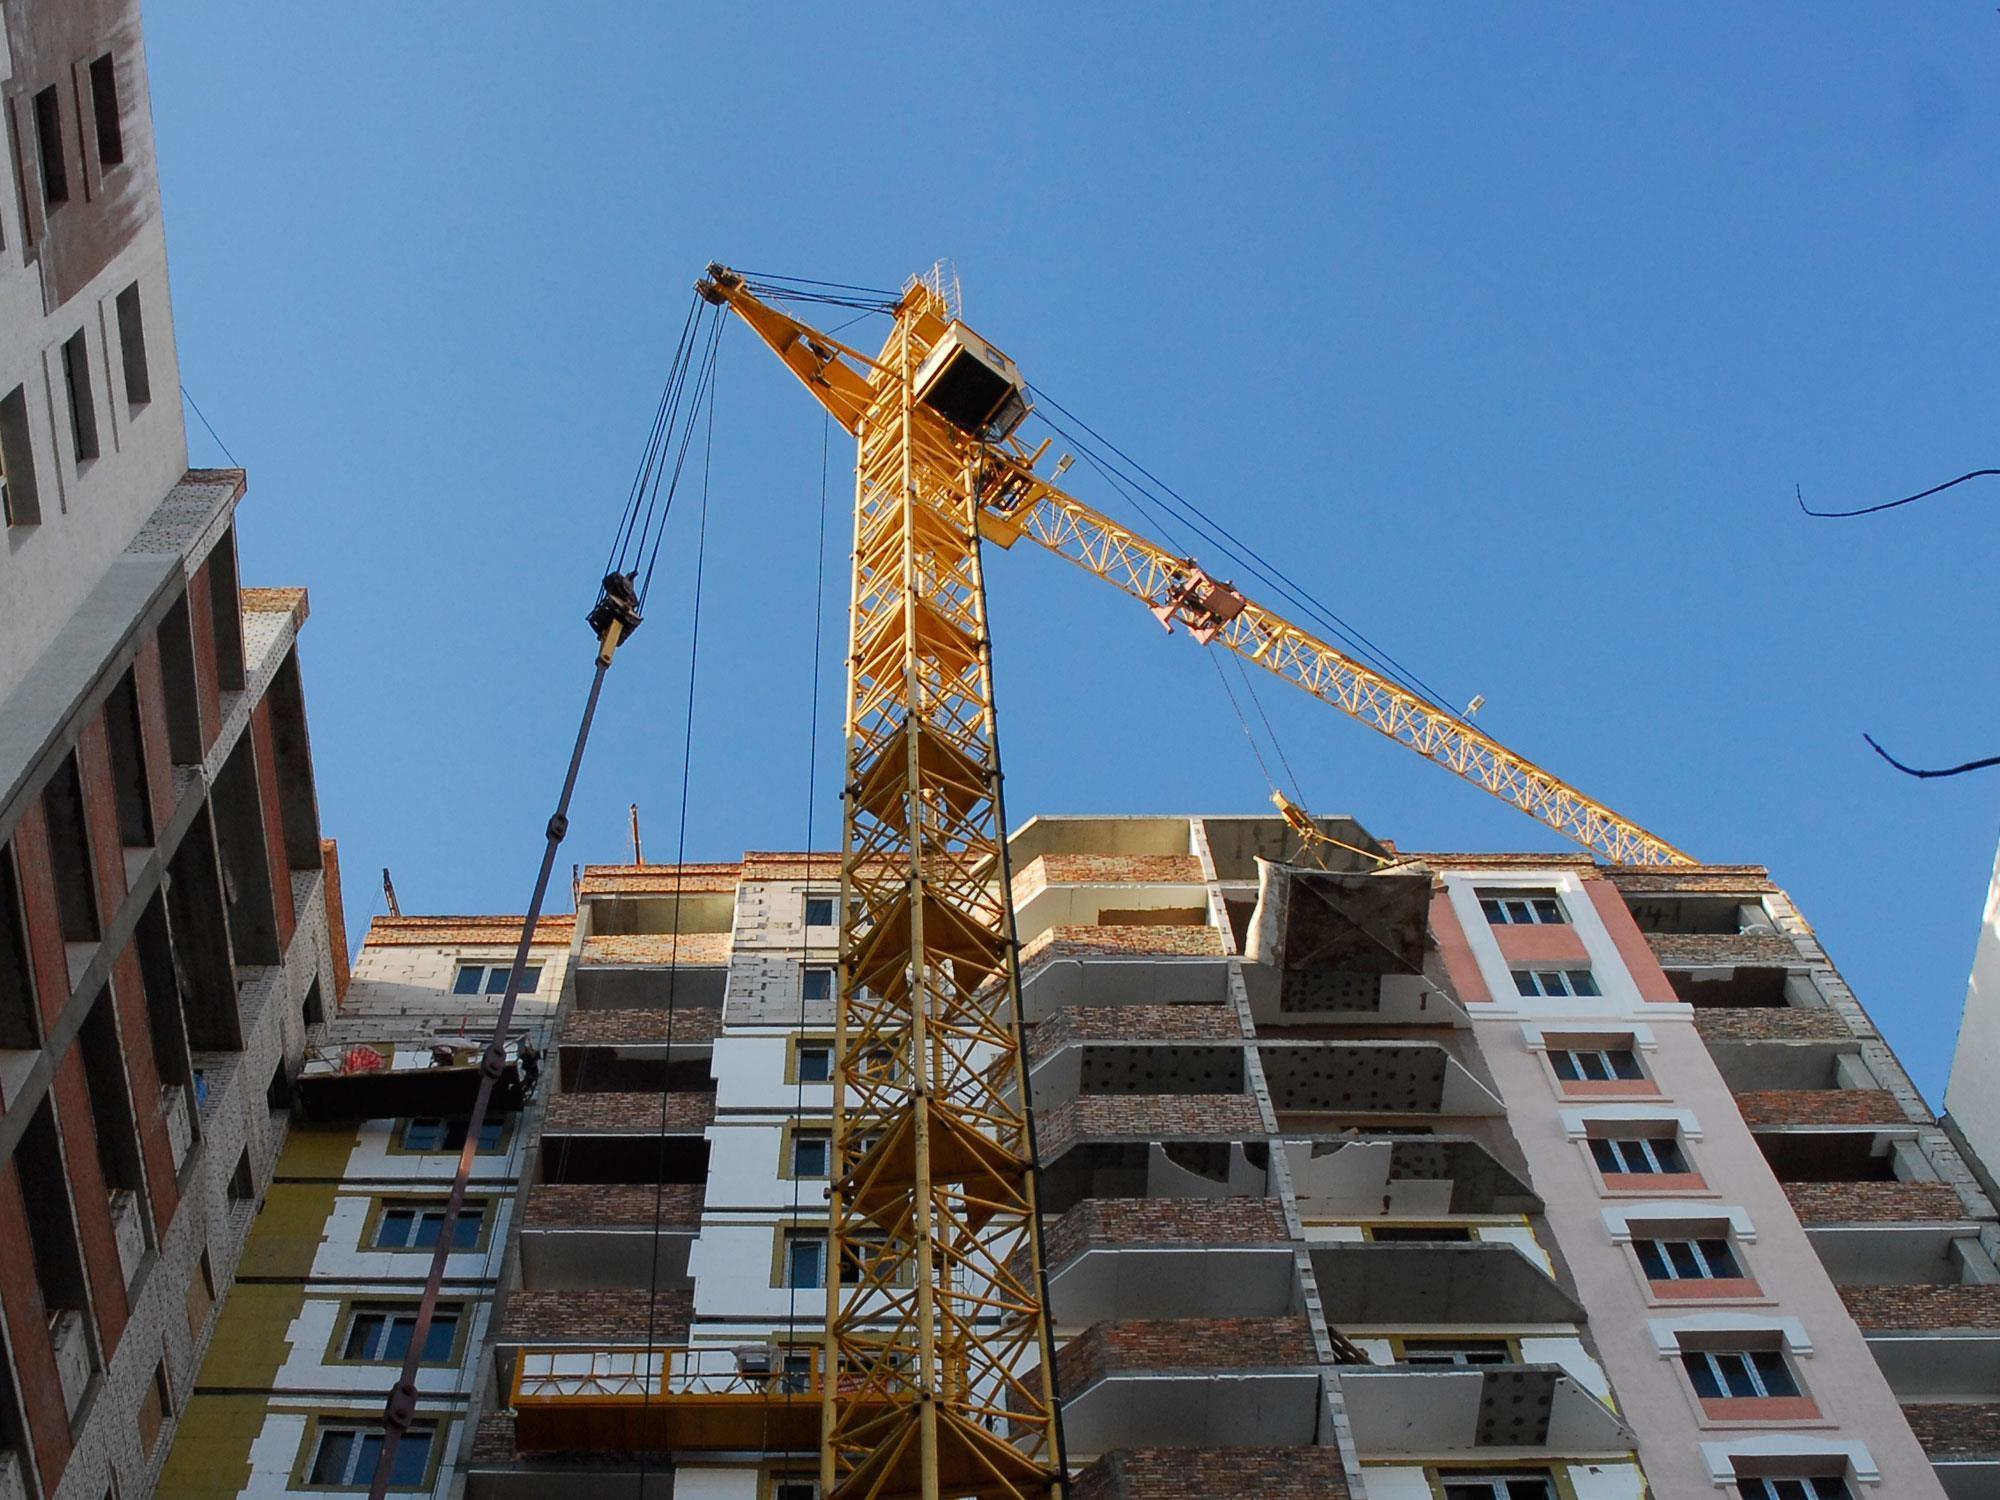 Все обманутые дольщики Костромской области получат свои квартиры к 2021 году